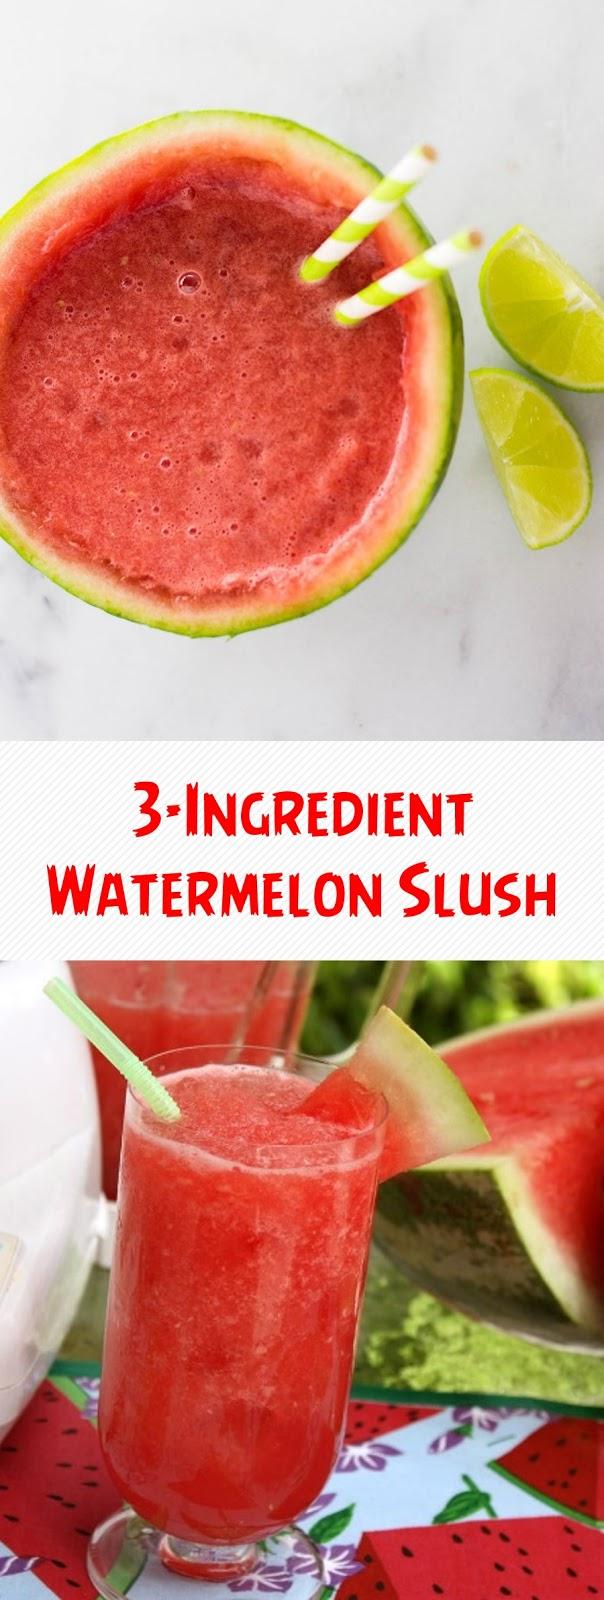 3-Ingredient Watermelon Slush